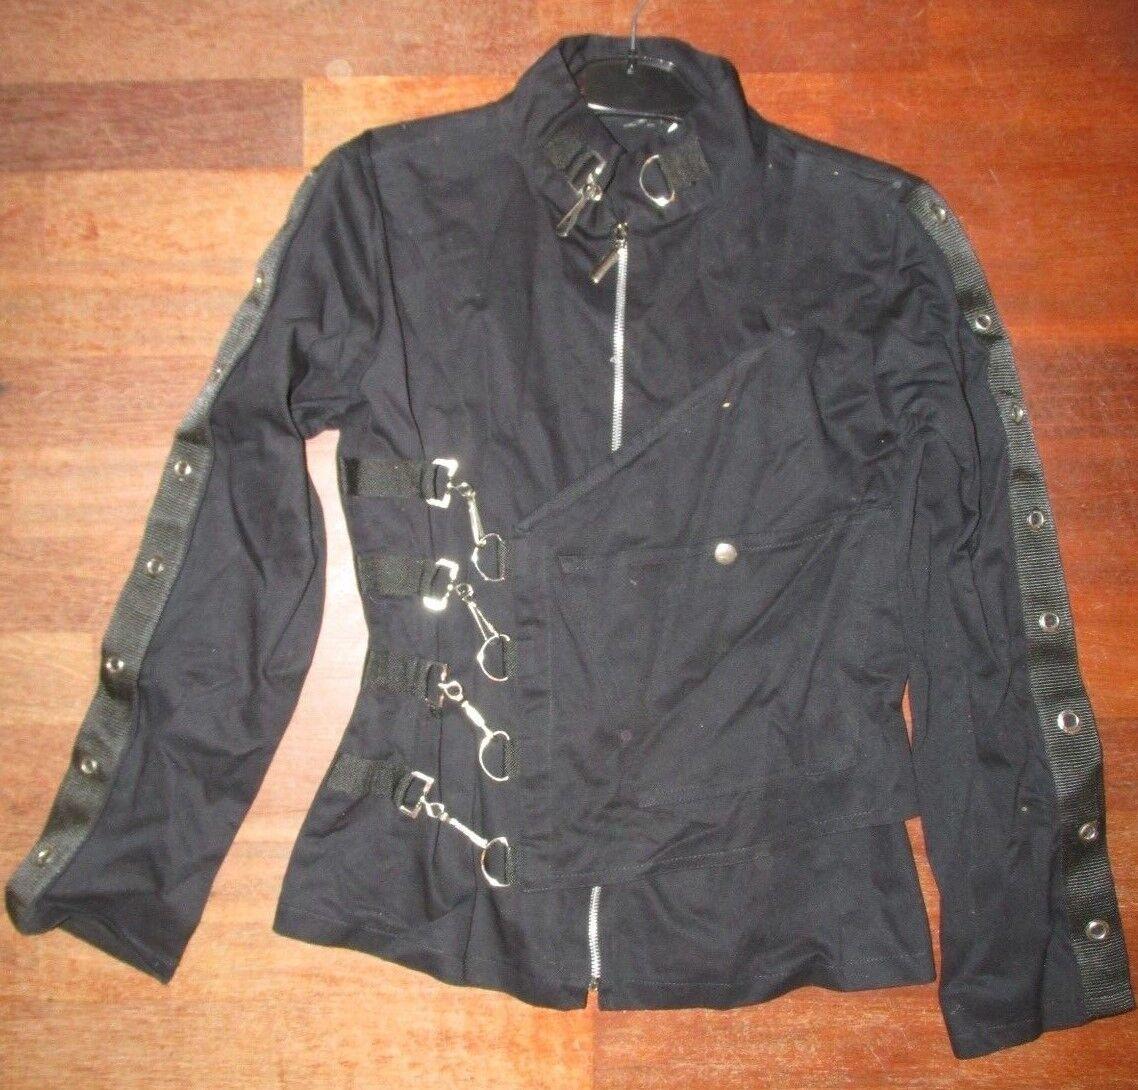 Hwt Femme Bn Motard Veste Noir Boucle Coton Gothique wfxTIzqR